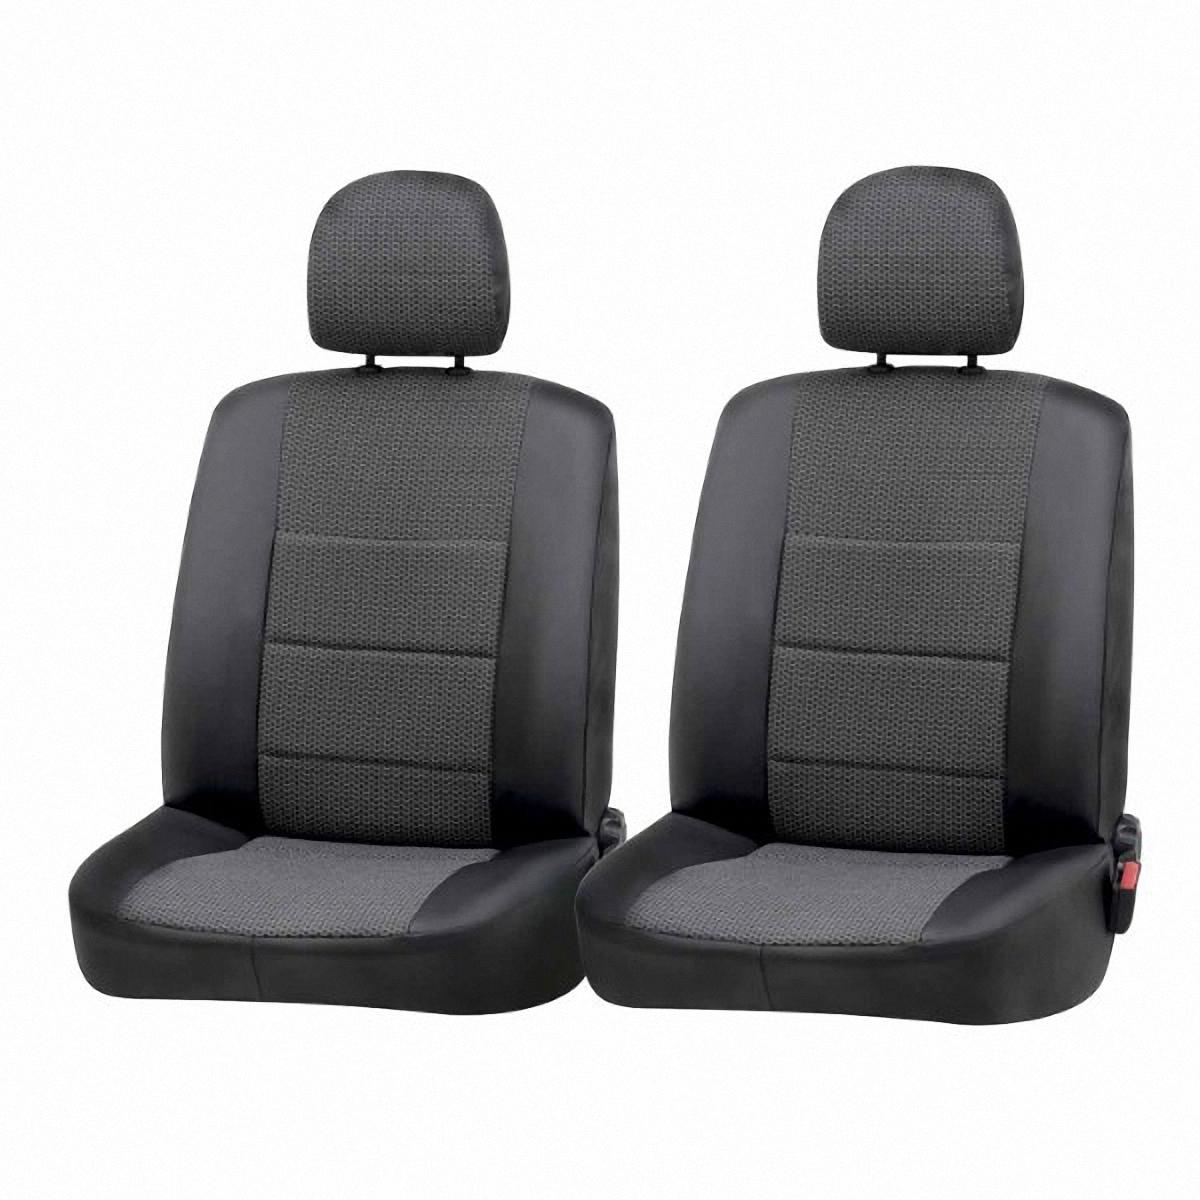 Чехол на сиденье Skyway LADA Largus, цвет: темно-серый, 13 предметов. V015/5-2KV015/5-2KЧехлы на сиденья Skyway для LADA Largus с 2012 5-местной раздельной - прекрасный выбор для тех, кто хочет преобразить салон автомобиля! Чехлы выполнены из жаккарда и экокожи, они защитят от различных загрязнений и износа сидений. Кропотливо разработанная система креплений позволяет надежно зафиксировать изделие, идеально повторяя контуры оригинальных сидений. Все швы, внутренние и внешние, а также технологические отверстия, обработаны на оверлоке. Для изготовления модельных чехлов используются современные, практические, износоустойчивые материалы высокого качества. В спинках передних кресел - большие вместительные карманы, снабженные эластичной лентой, предотвращающей деформацию в процессе использования.Триплирование поролоном, толщиной 2 мм обеспечивает сохранность цвета, фактуры и формы в процессе длительной эксплуатации. В спинках передних кресел - большие вместительные карманы, снабженные эластичной лентой, предотвращающей деформацию в процессе использования. Средние детали в спинках и сиденьях передних кресел дополнены поролоном толщиной 1 см, обеспечивающих дополнительную анатомическую поддержку.